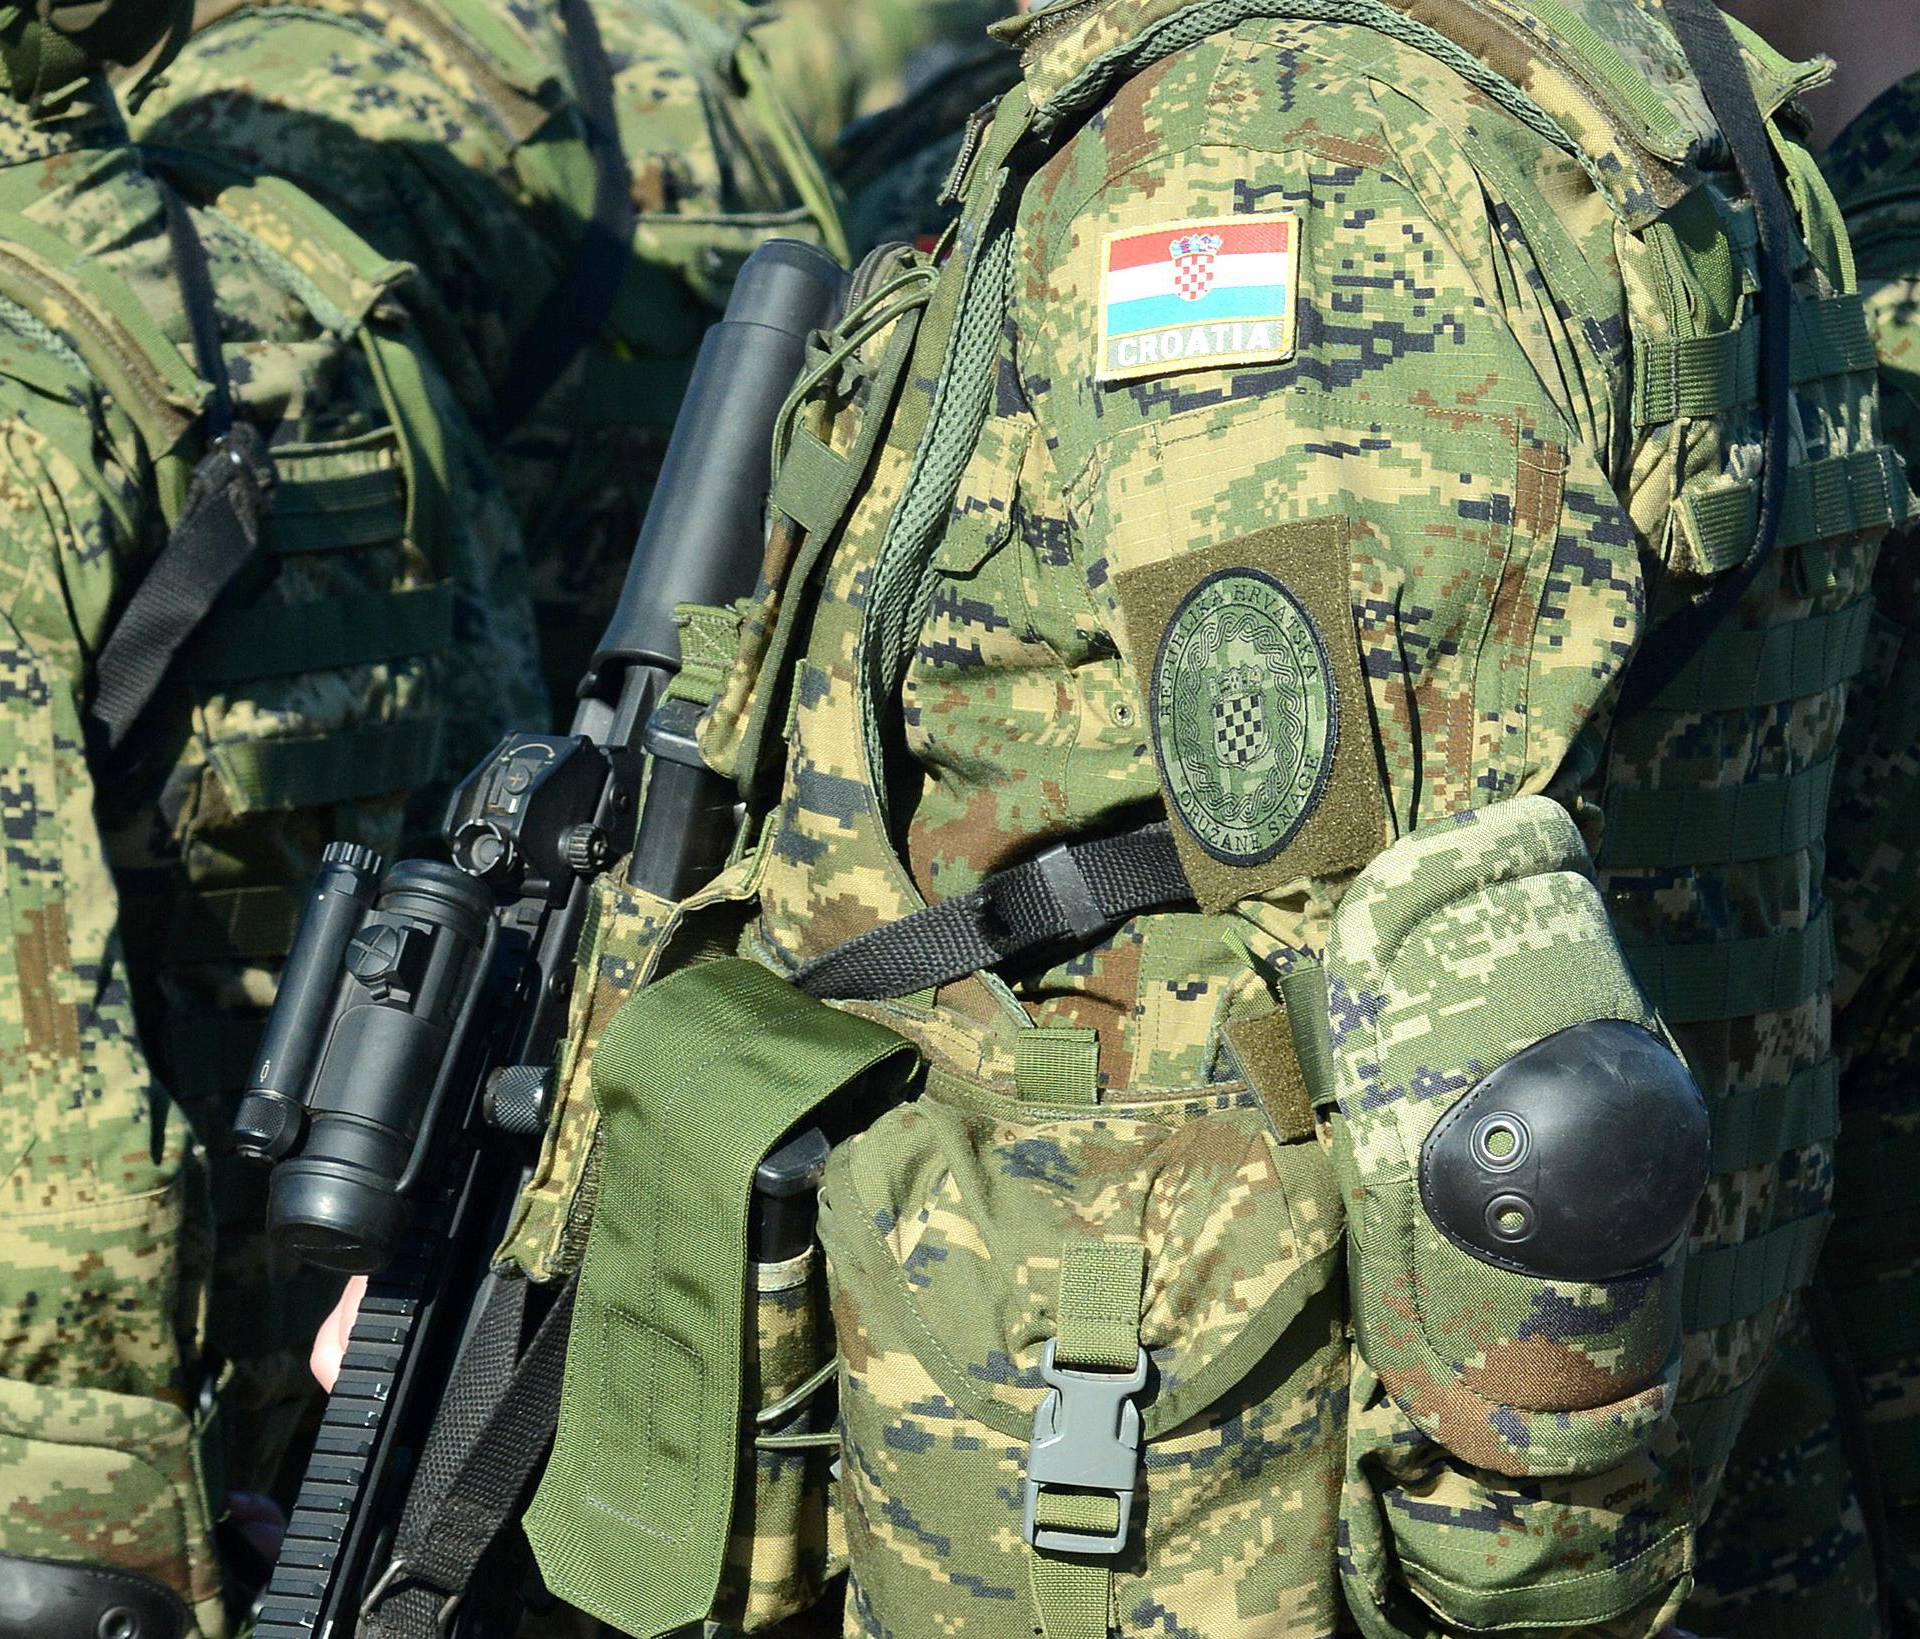 Hrvatski vojnik u Iraku čistio oružje i propucao se.  Prebacili su ga u američku bolnicu